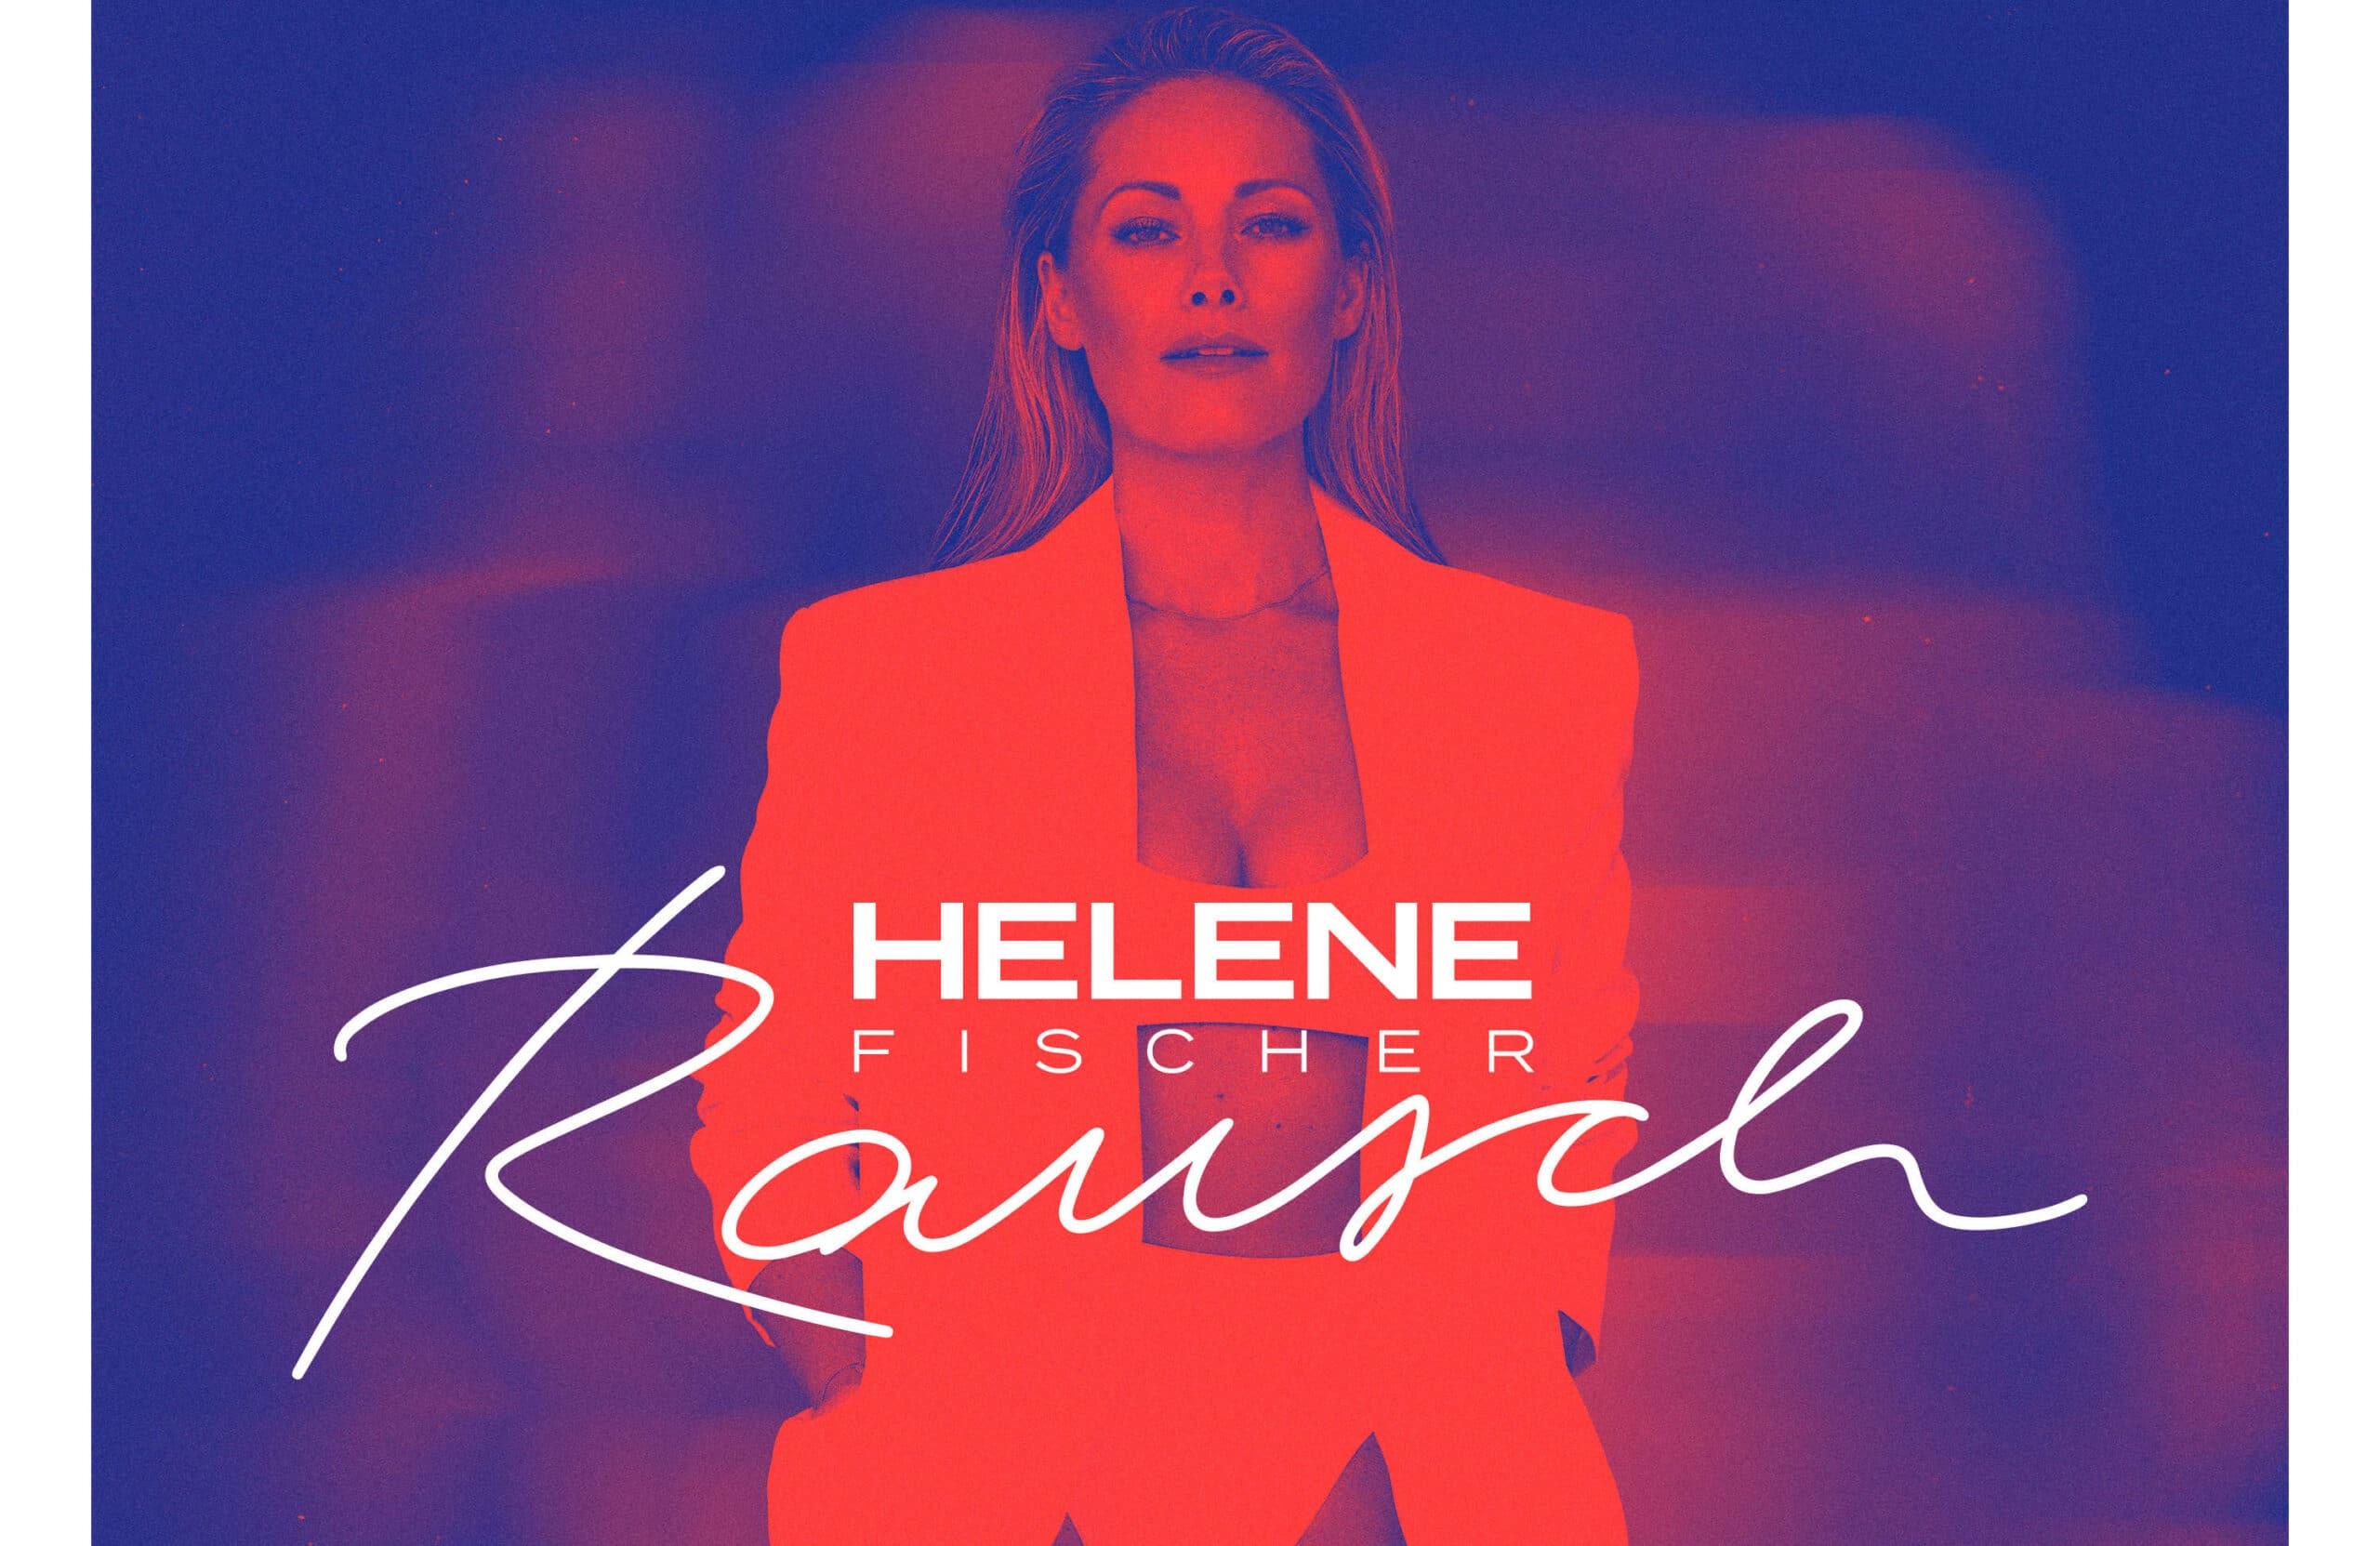 Helene Fischer - Ein Abend im Rausch in SAT.1